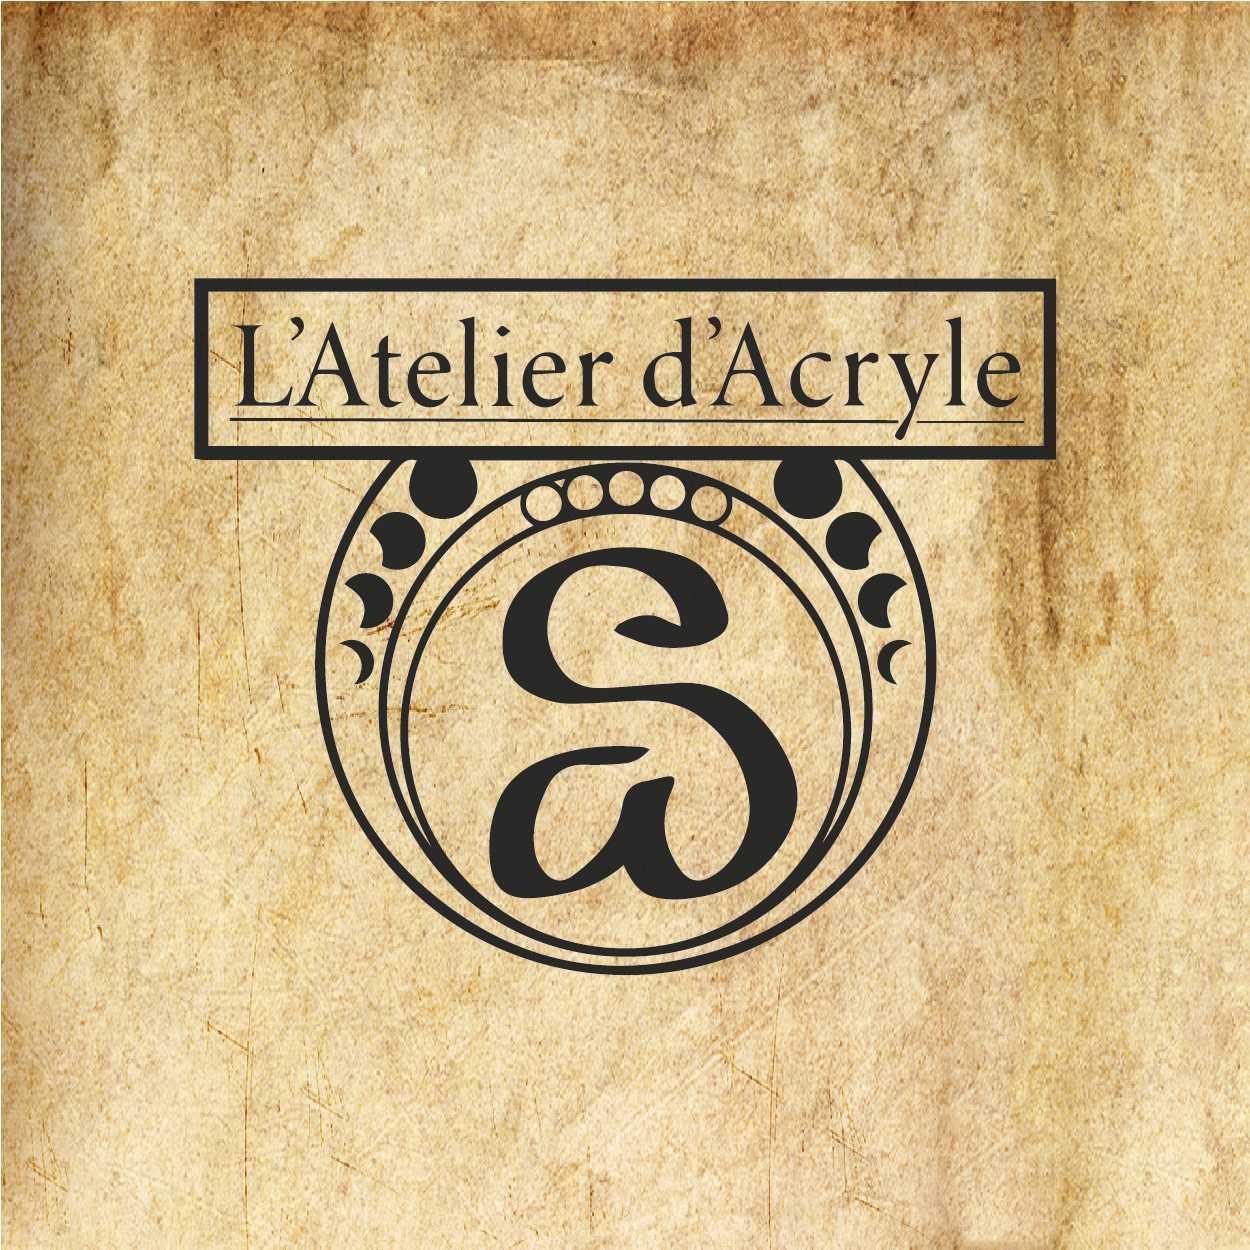 L'Atelier d'Acryle